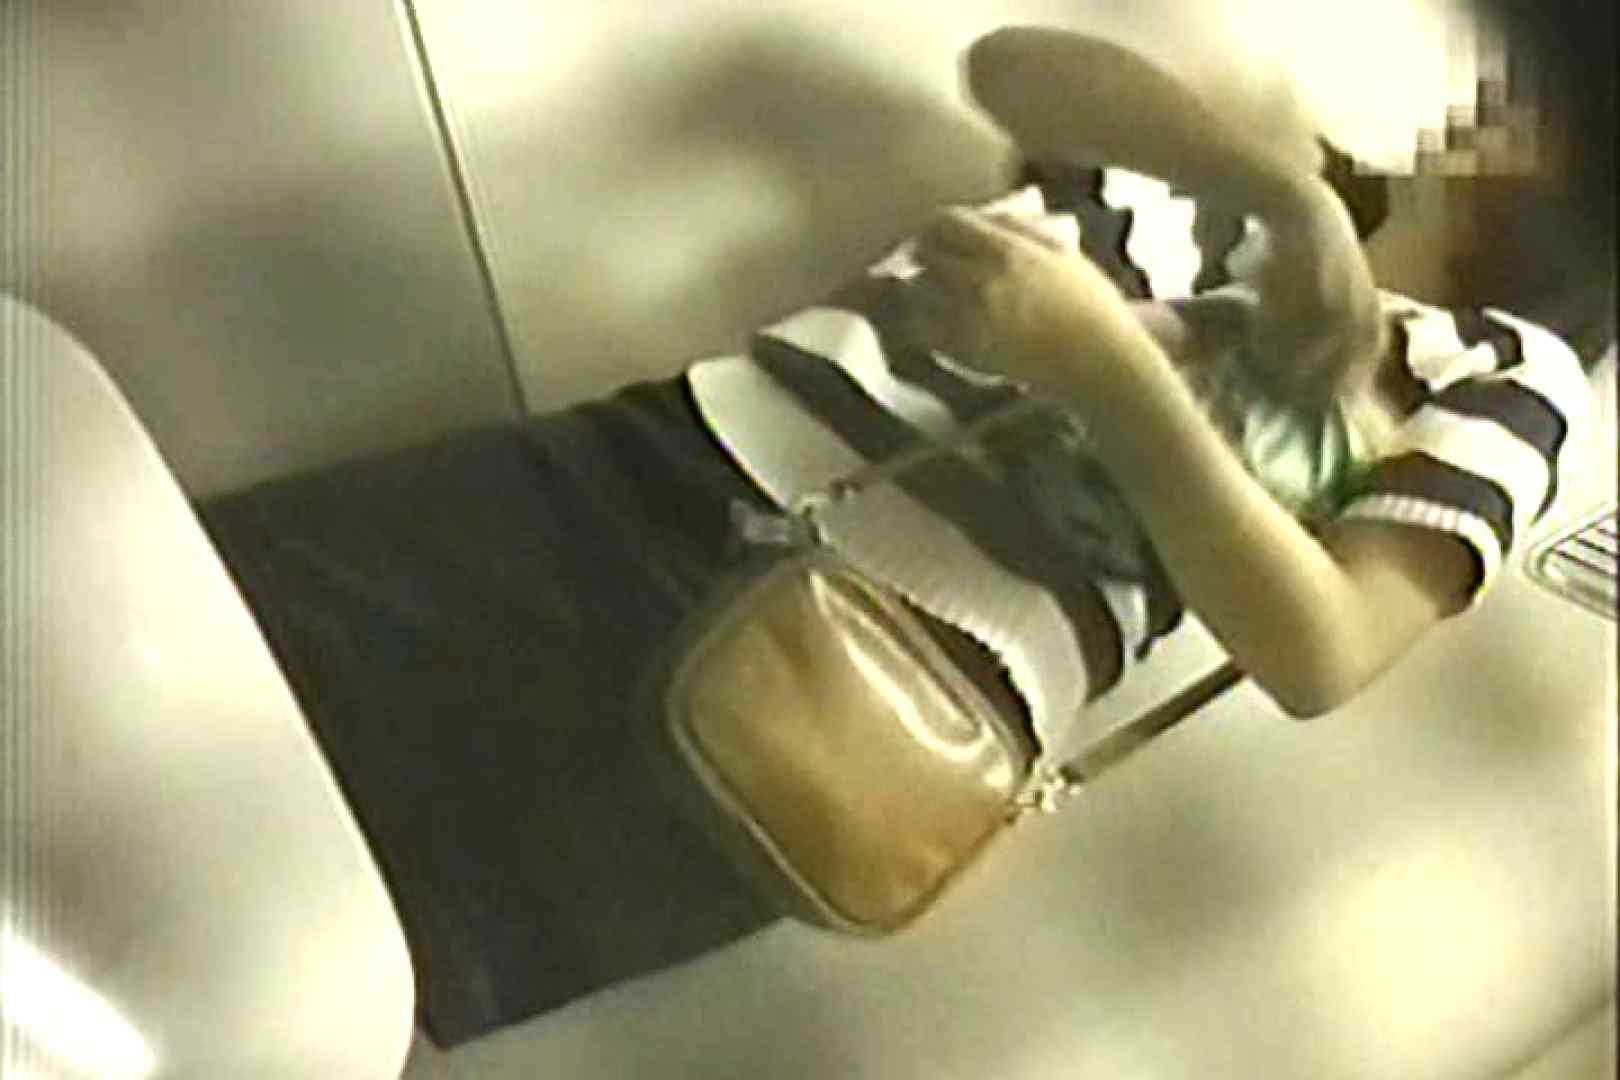 車内洗面所盗撮 電車ゆれればお尻もゆれる TK-98 盗撮師作品 オメコ動画キャプチャ 101pic 52